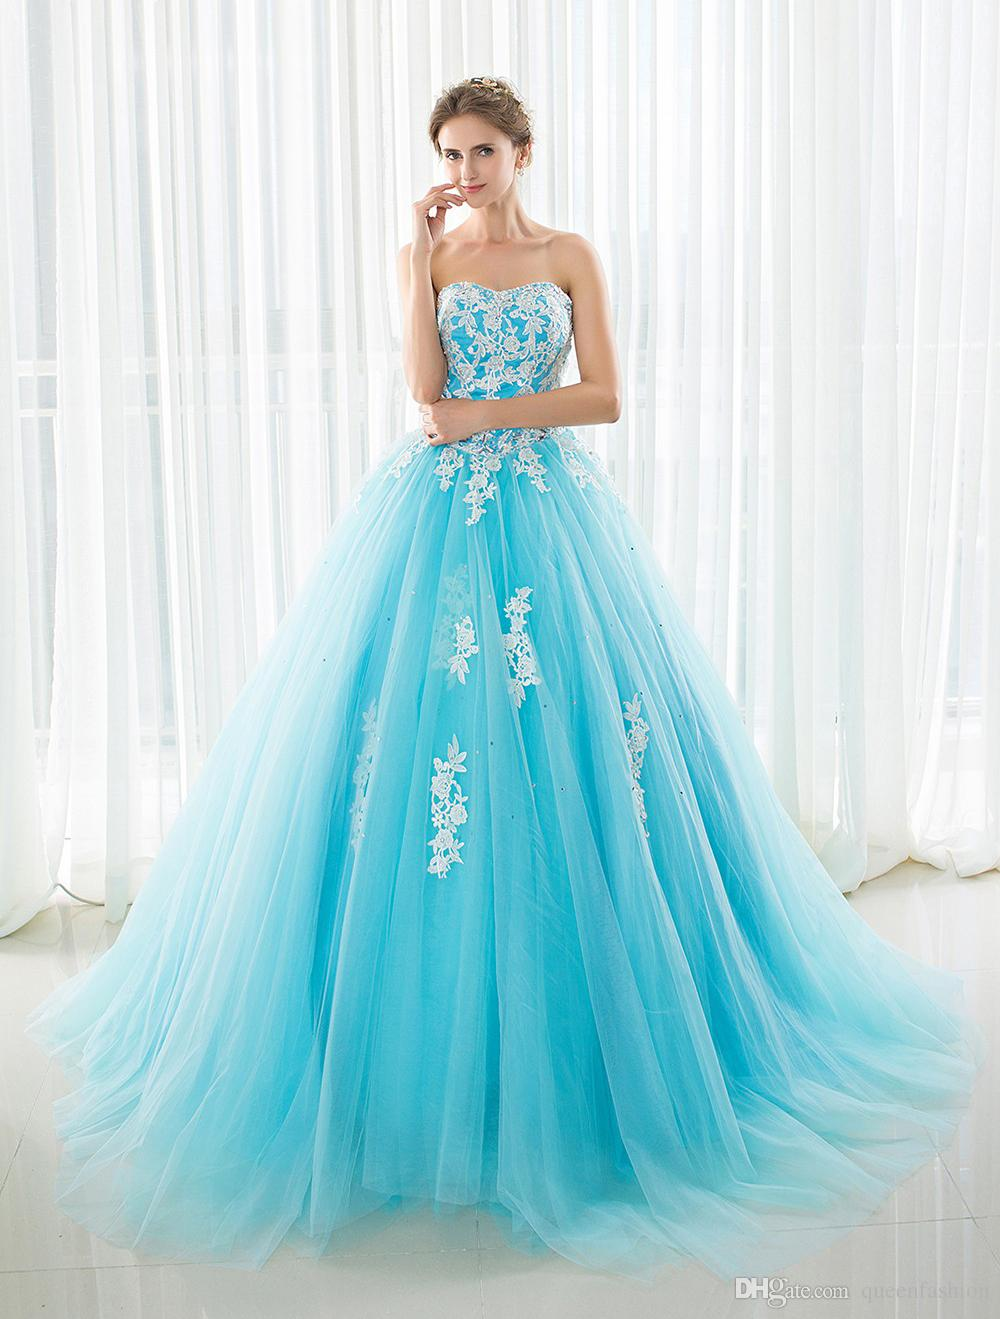 326aa1c24 Compre Vestido De Fiesta 2019 Vestidos De Baile Vestidos Largos De Tul  Hinchados Quinceañera Vestidos 15 Años White Appliques De Encaje Dulce 16  Vestidos ...